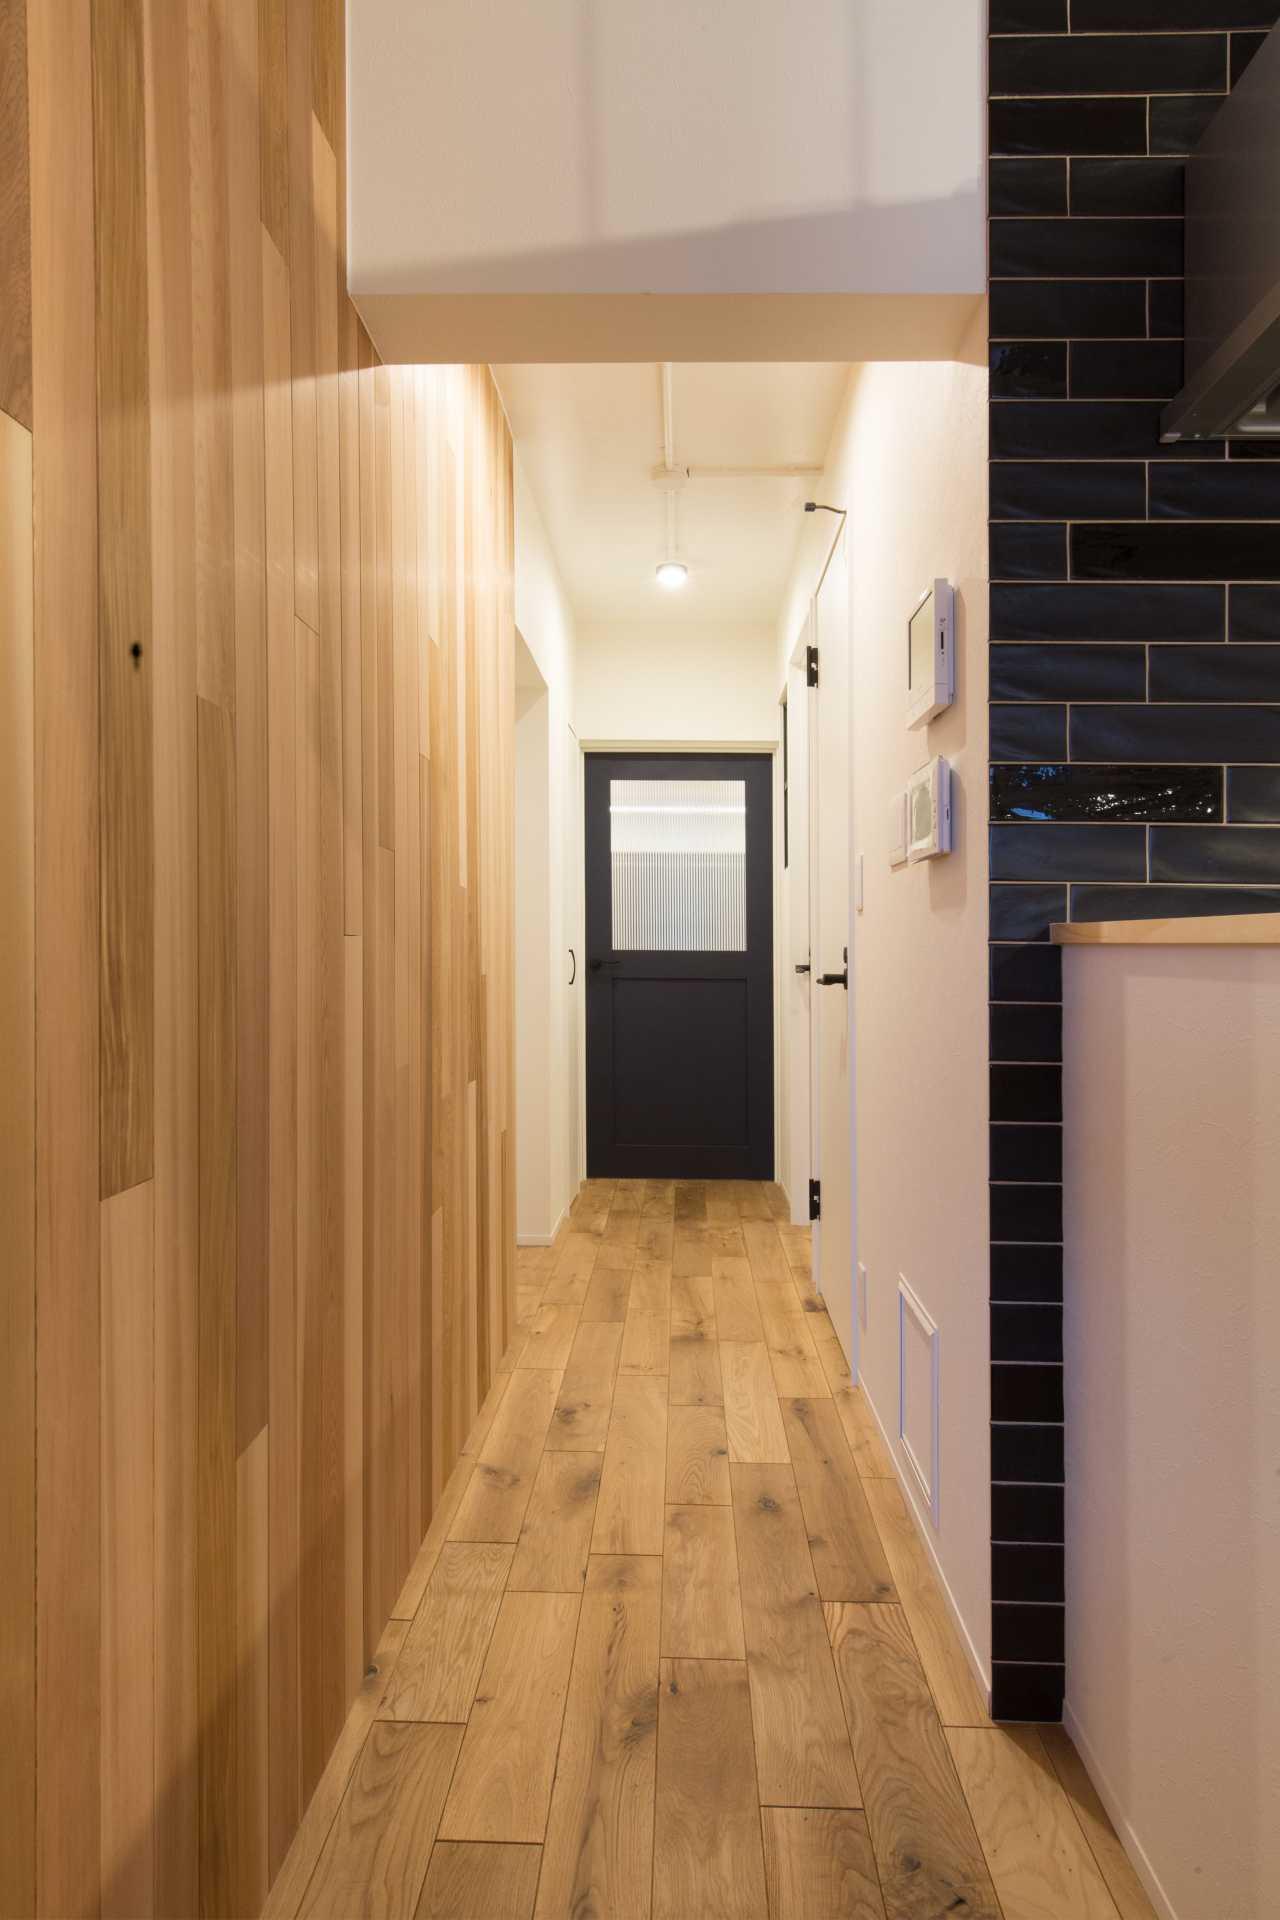 床材には北海道産のナラ材を、壁にはレッドシダーを使用し、無垢材の温かみを演出します。